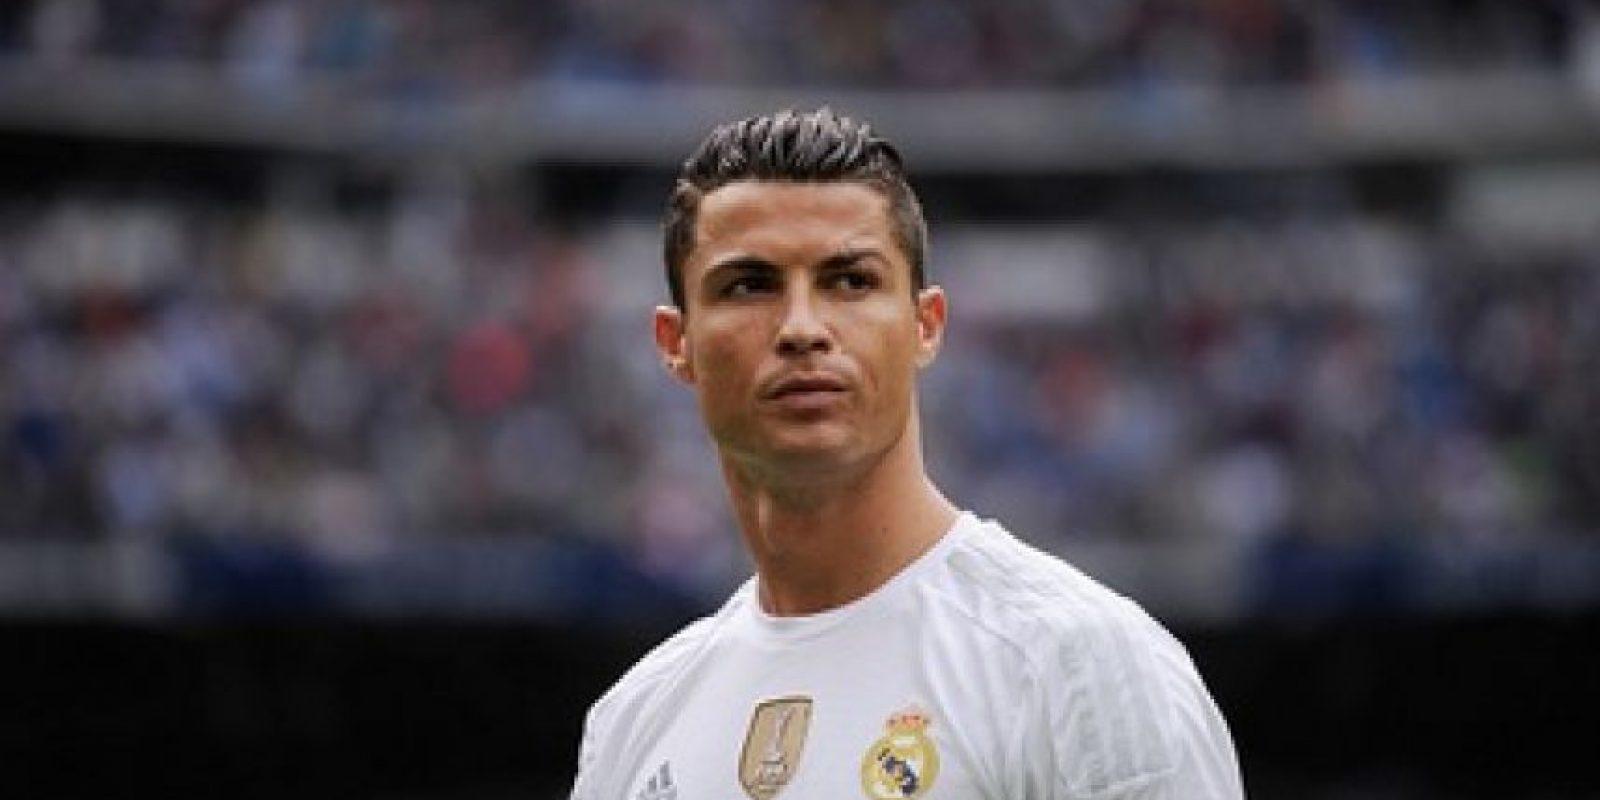 A continuación les mostramos los mejores memes de Cristiano Ronaldo Foto:Getty Images